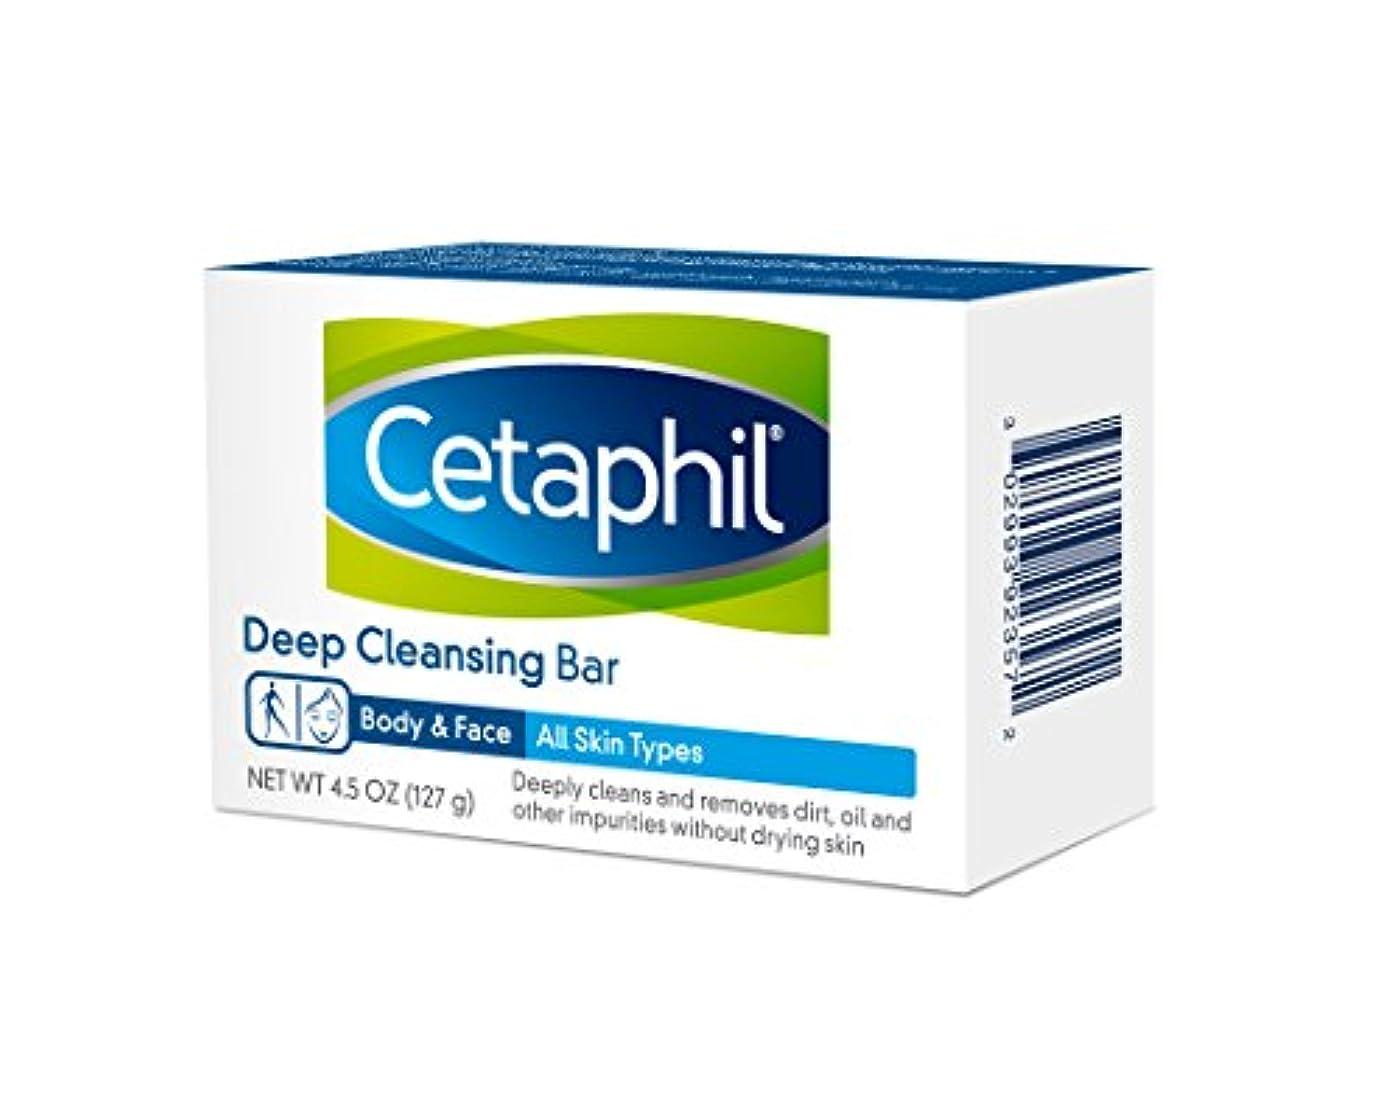 組み立てる病気だと思う風刺Cetaphil Deep Cleansing Face Body Bar for All Skin Types 127g×6個セット 並行輸入品